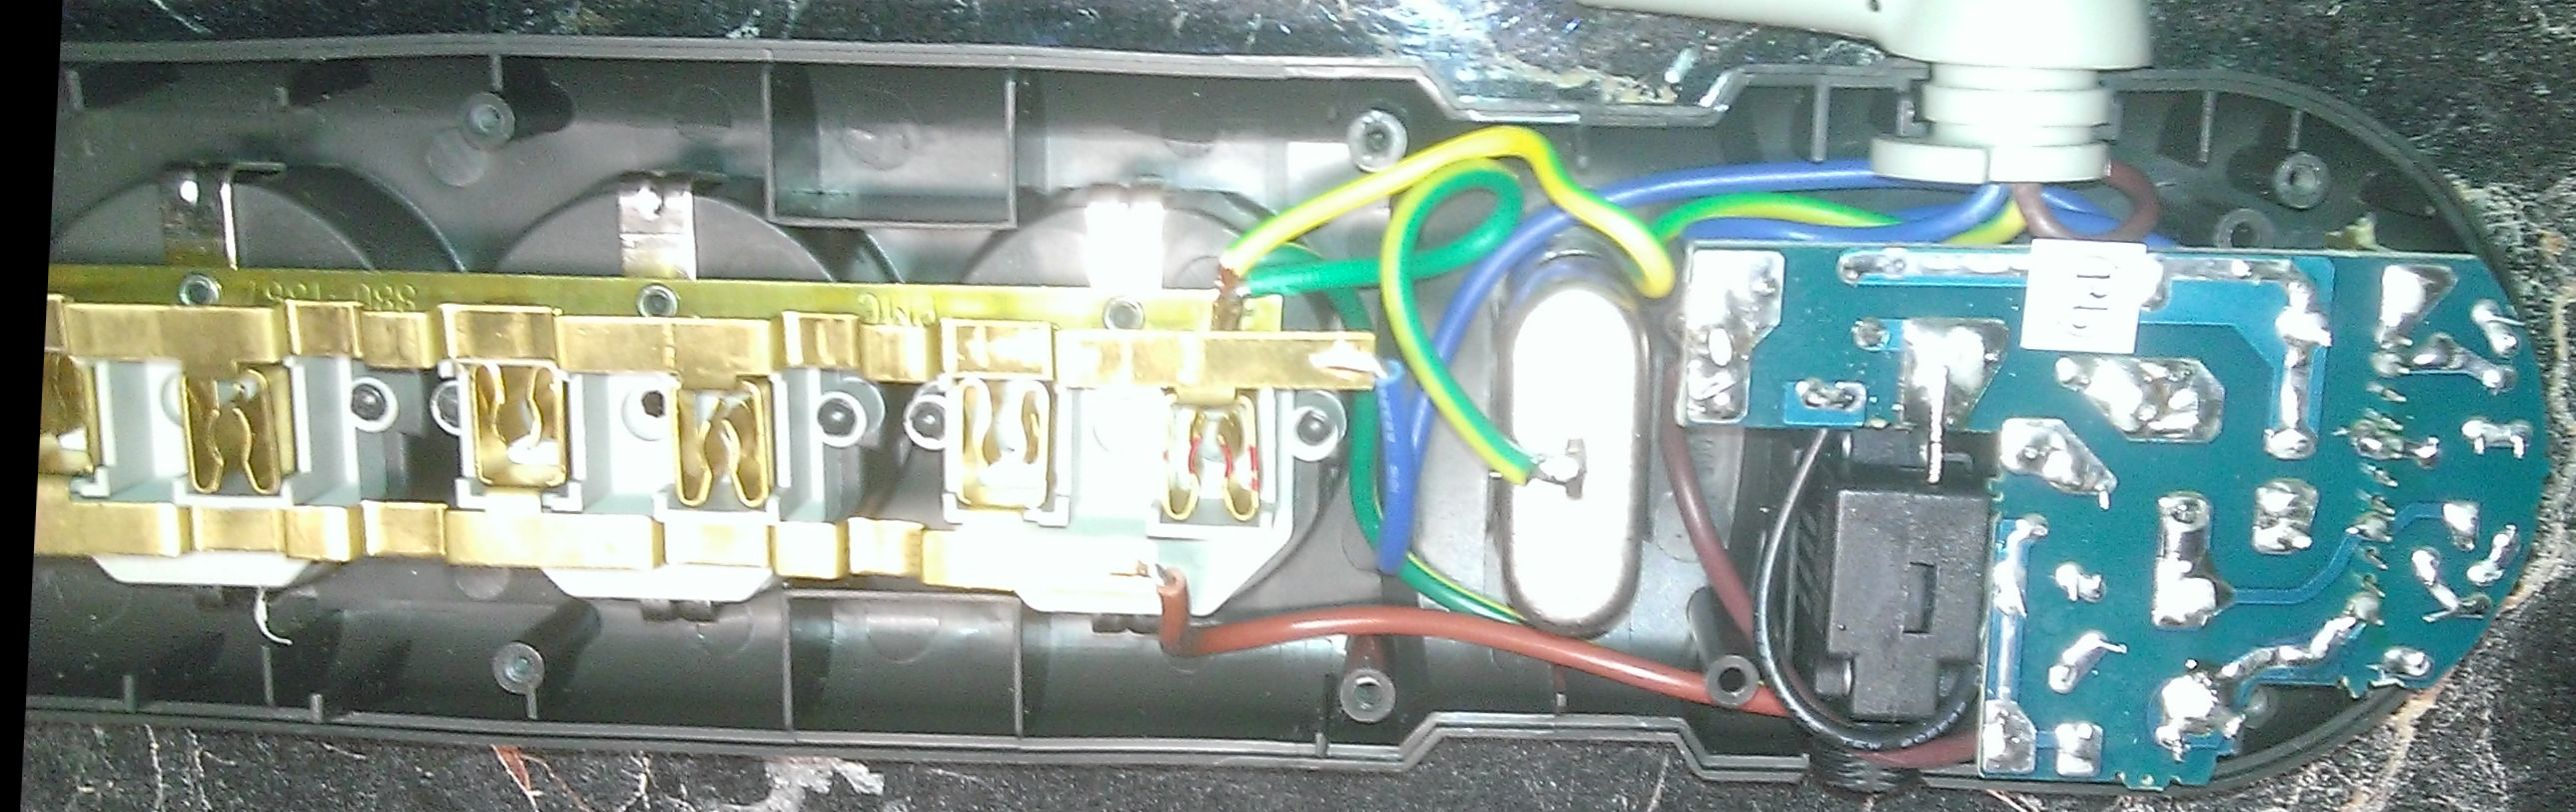 Сетевой фильтр APC со снятой крышкой